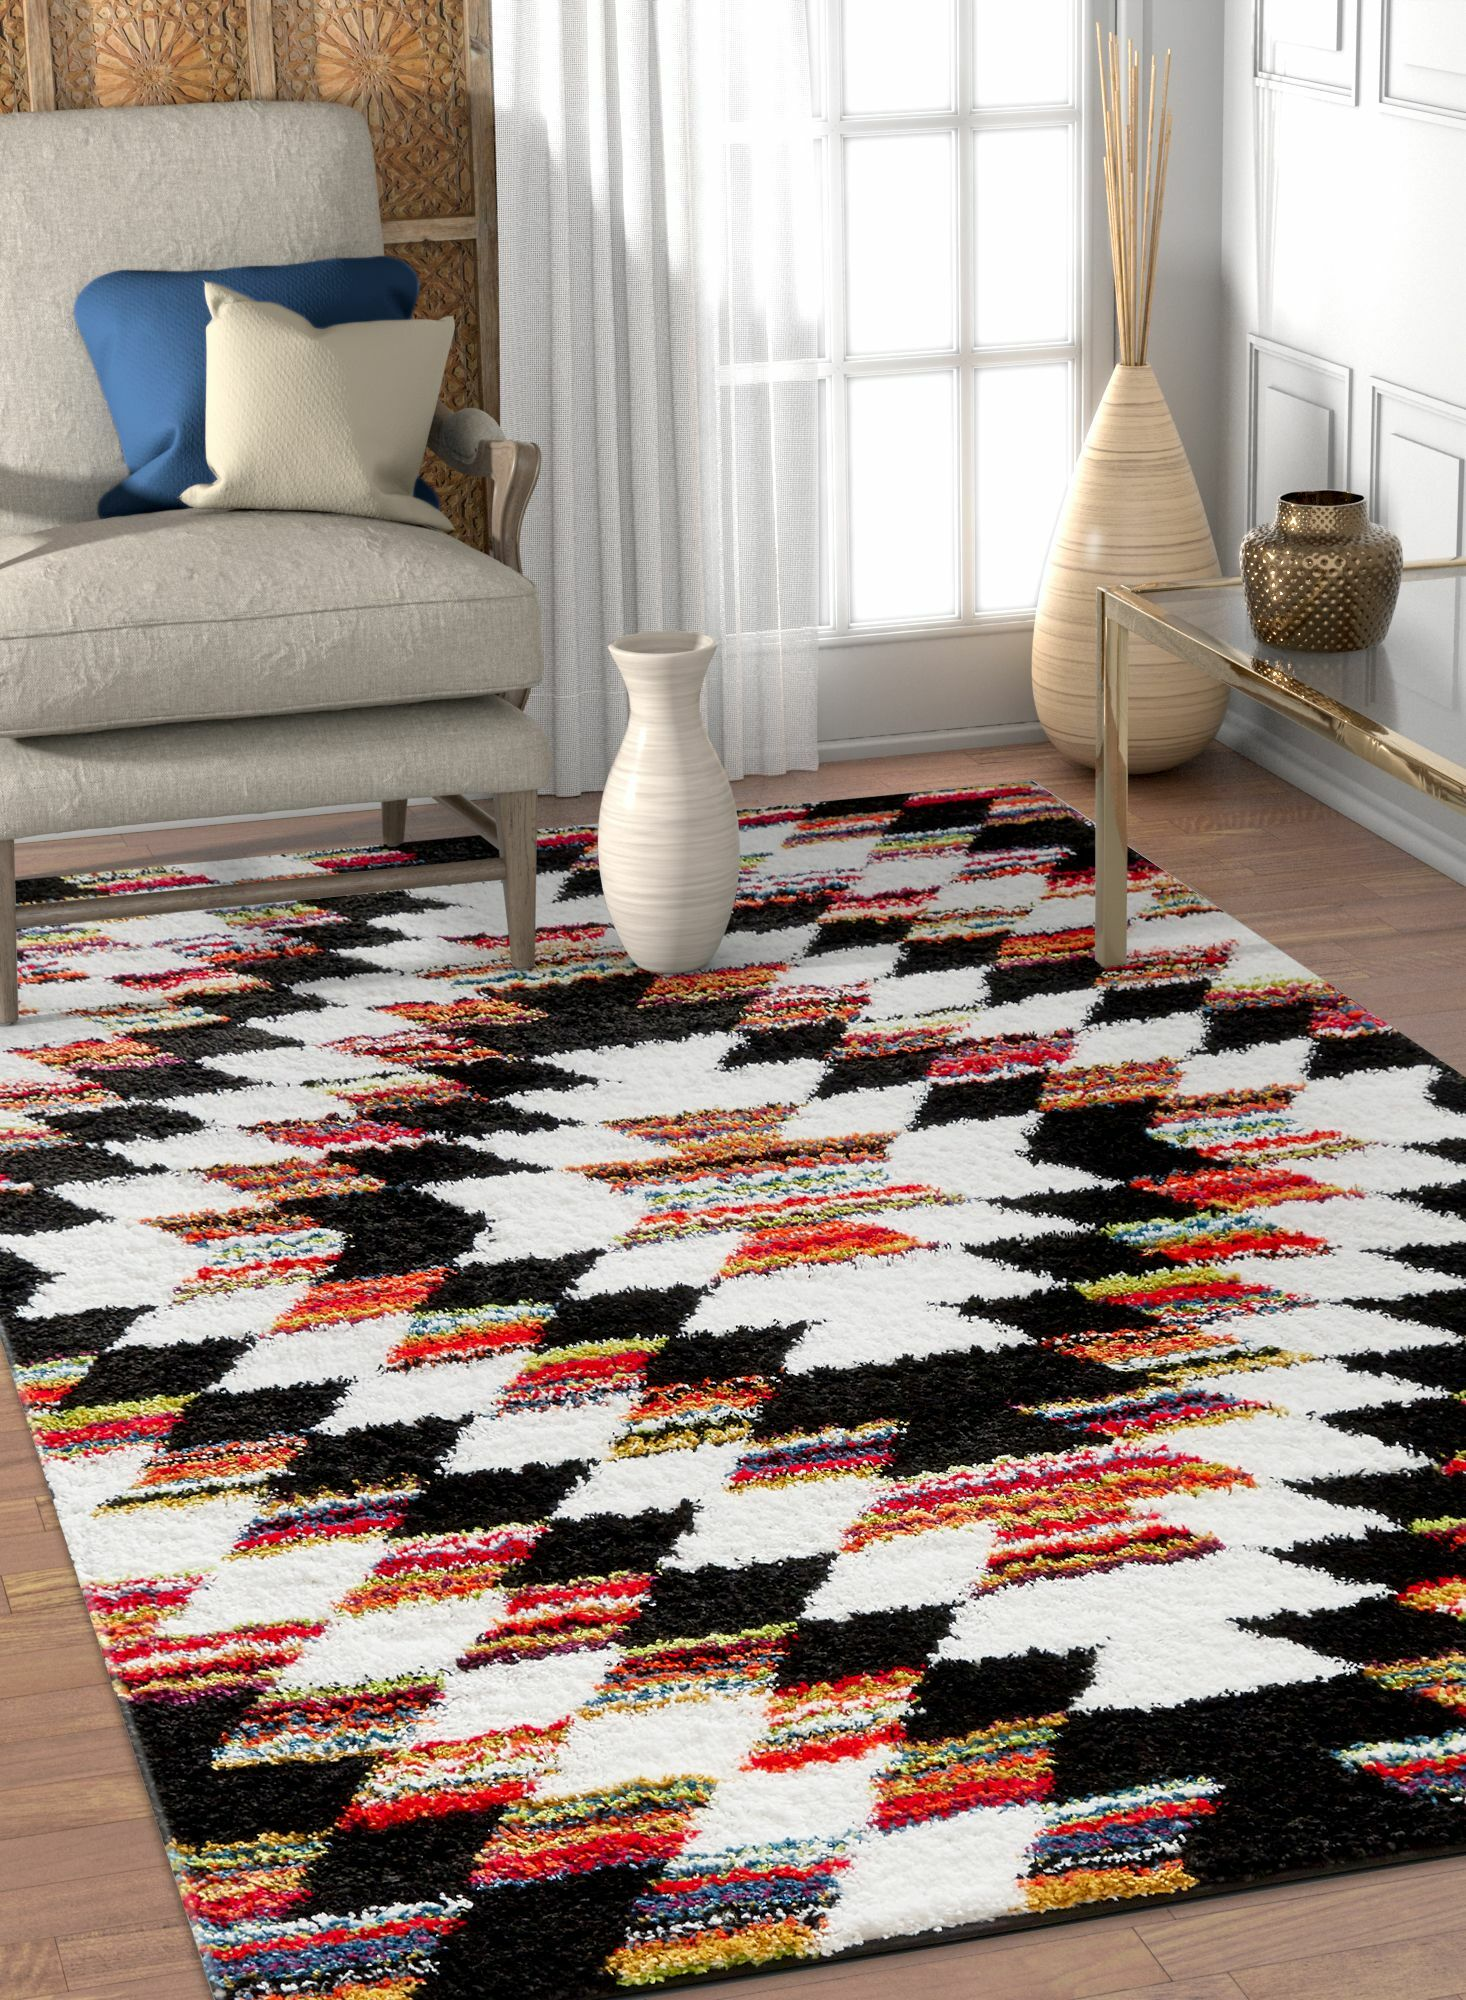 Namboodri Tangier Southwestern Black/Cream Area Rug Rug Size: Rectangle 7'10'' x 9'10''